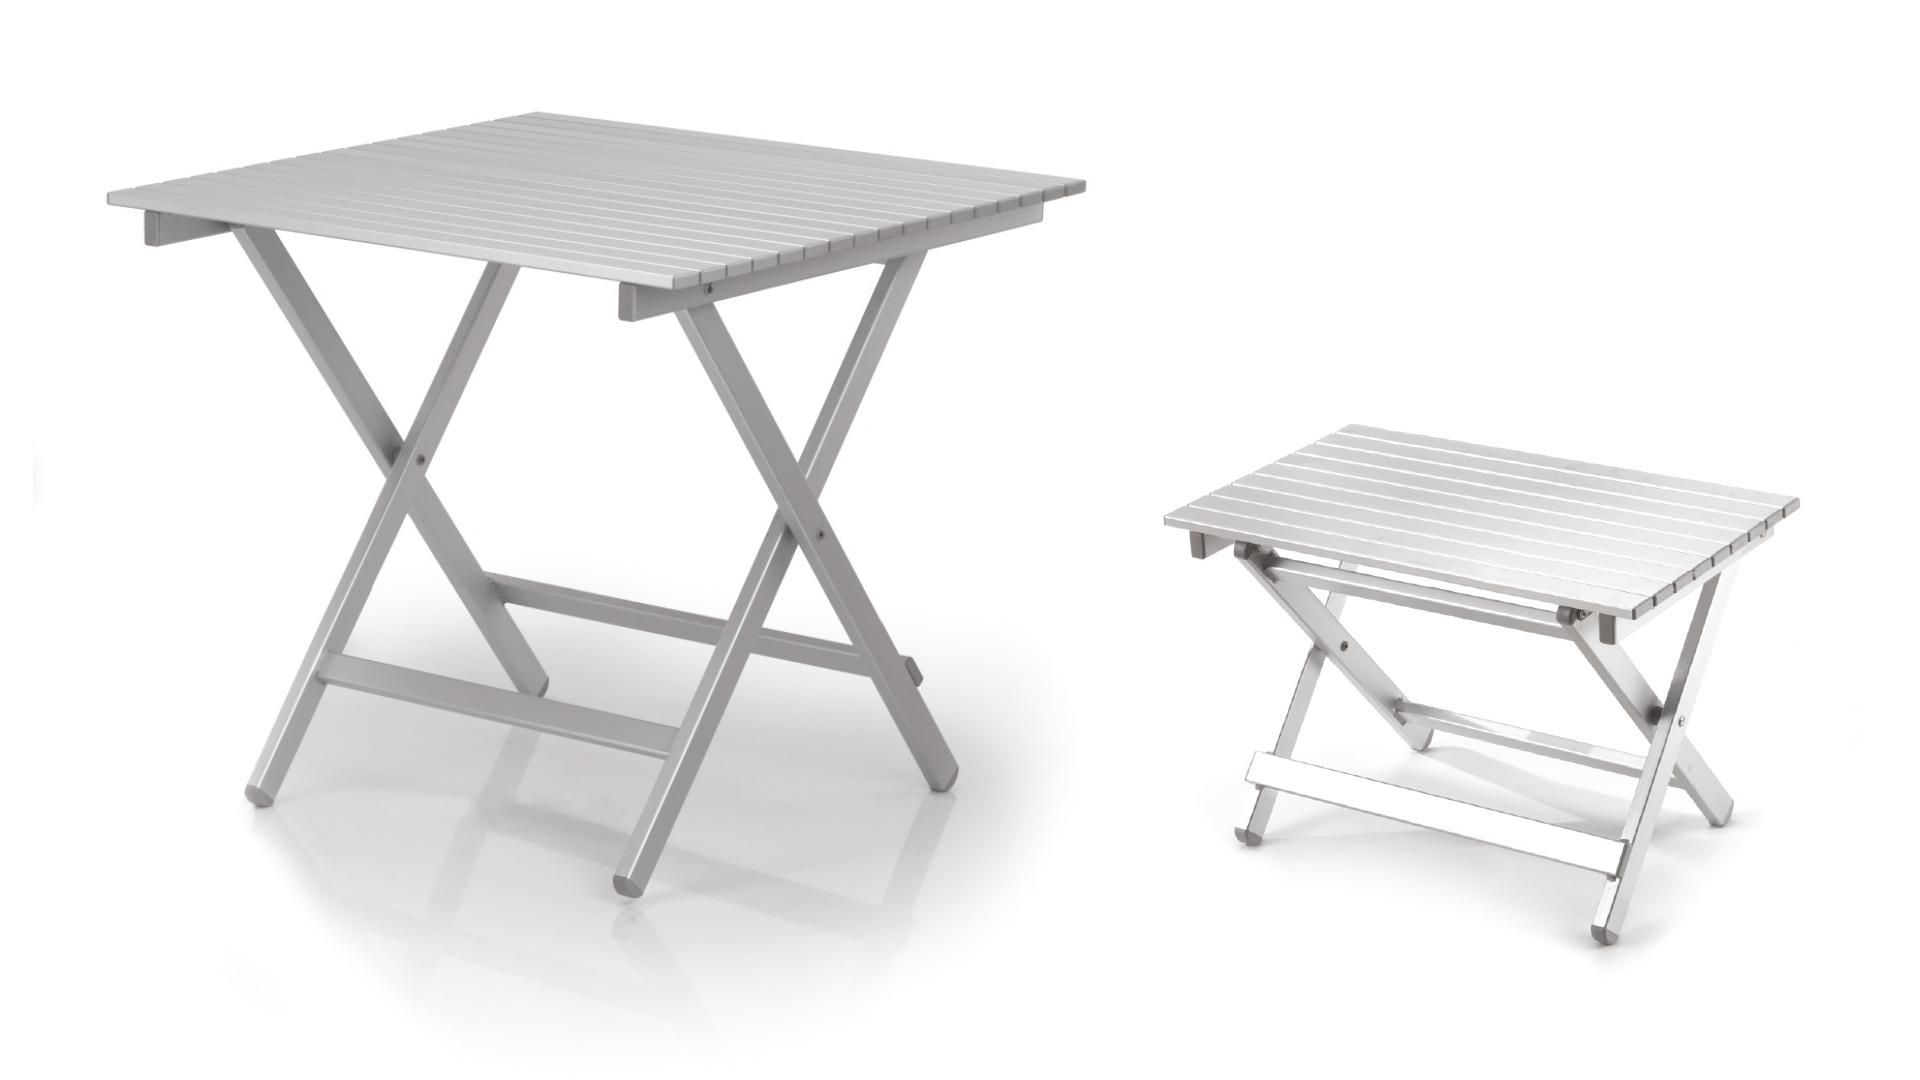 Tavoli Alluminio Pieghevoli Usati.Tavoli Alluminio Migani Attrezzature Balneari